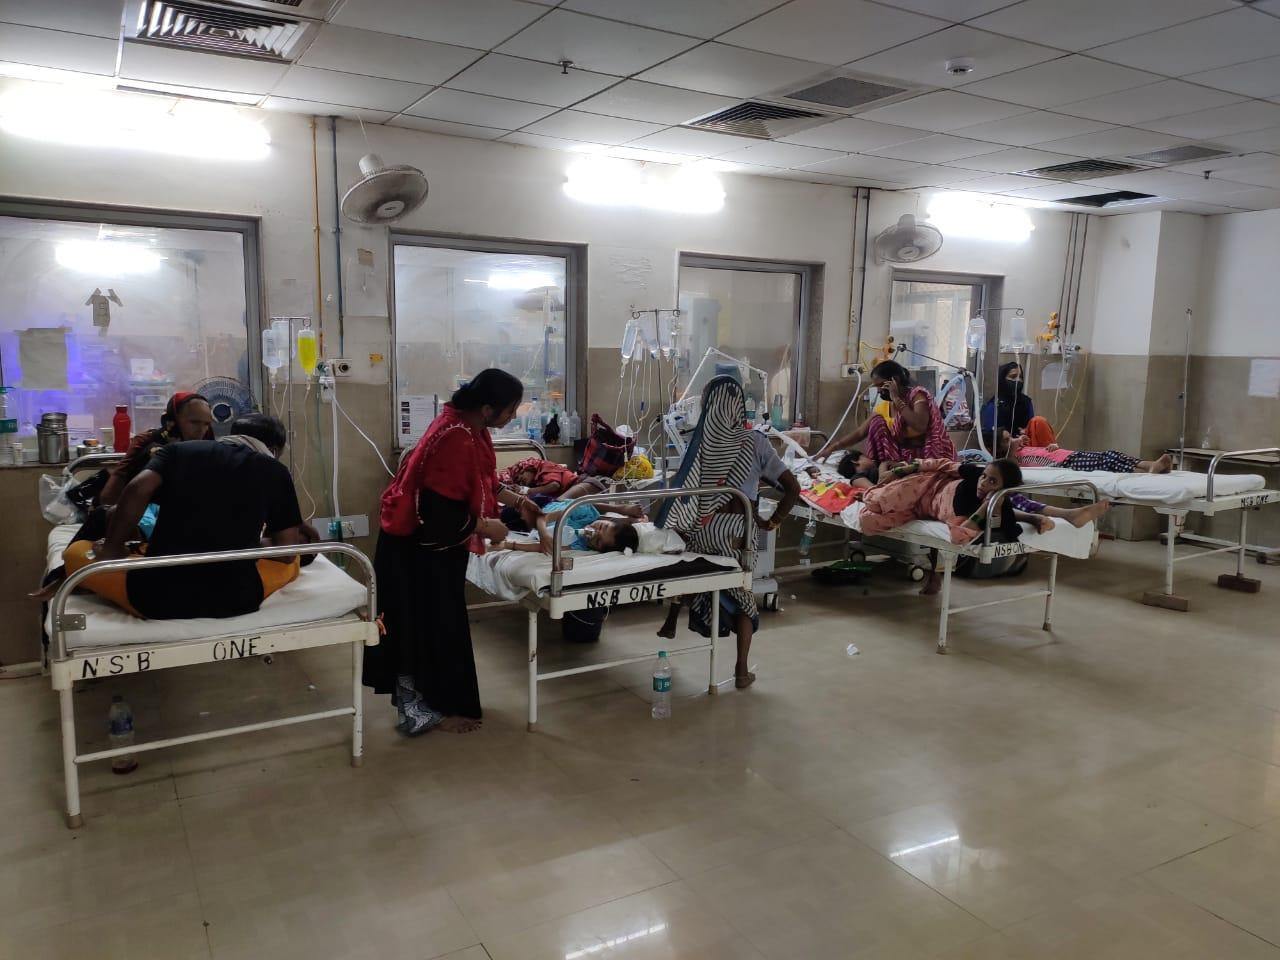 एसएन मेडिकल कॉलेज के बाल रोग विभाग में डेंगू के लक्षण वाले 13 बच्चे भर्ती हैं। - Dainik Bhaskar